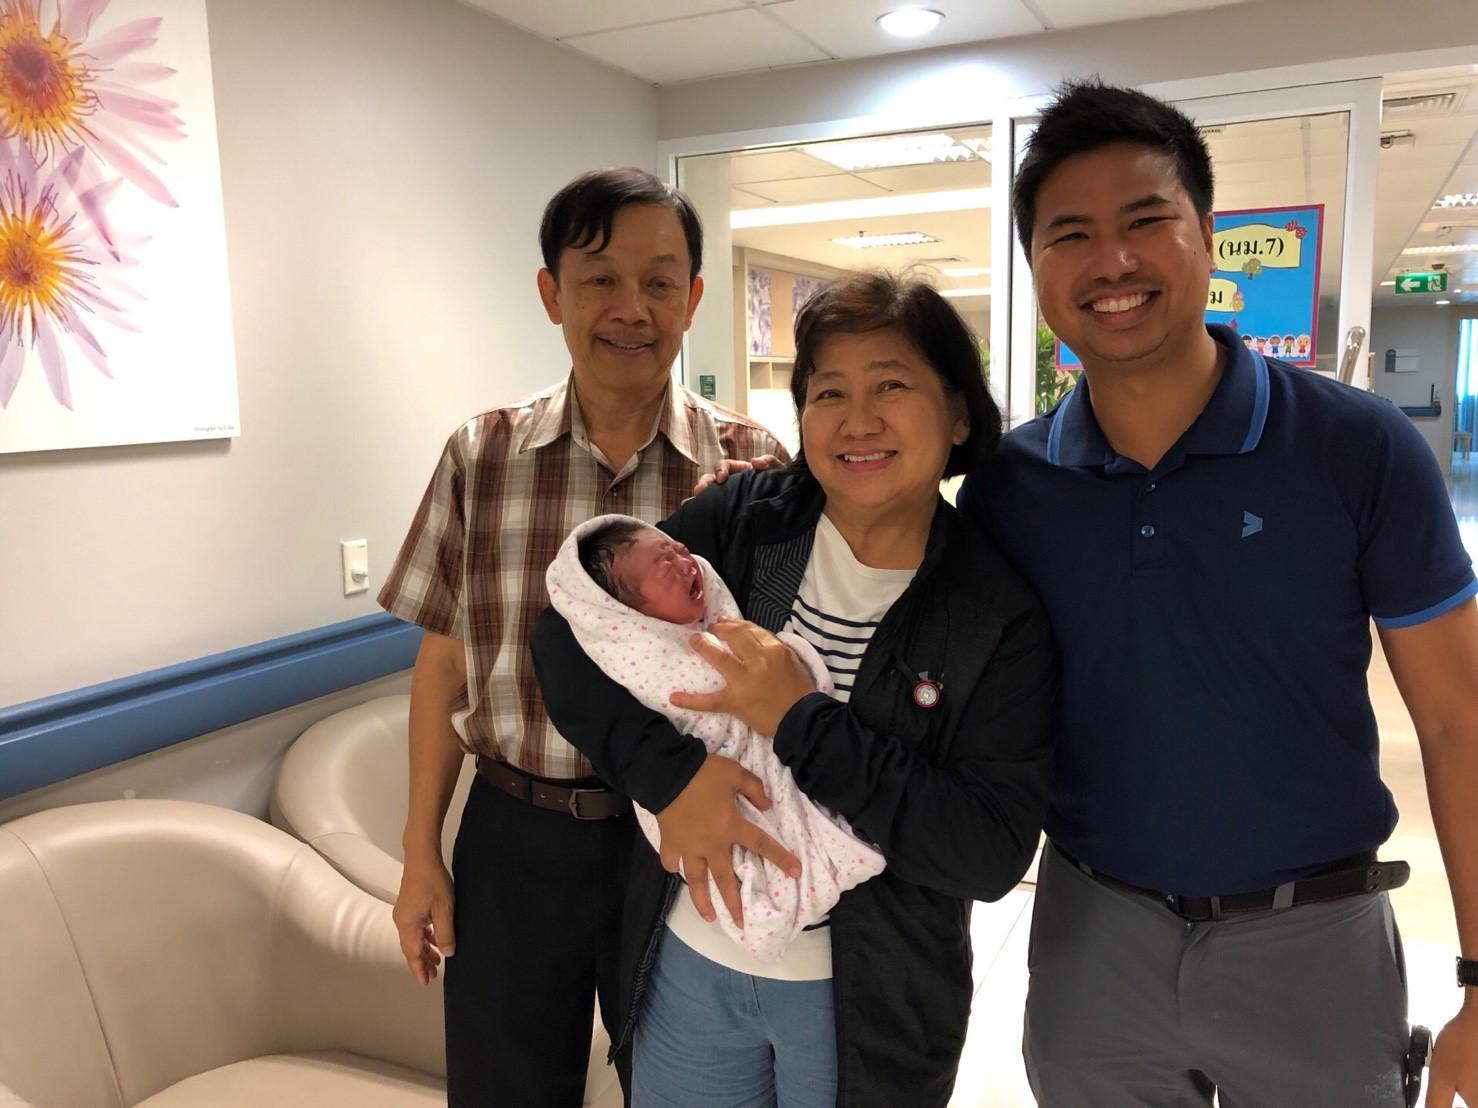 """""""เด็กหลอดแก้ว"""" คนแรกของไทย ได้ลูกชายแล้ว แข็งแรงดีทั้งแม่ลูก ล้มข้อกังวลมนุษย์พันธุ์ใหม่ ใช้ชีวิตได้ตามปกติ"""